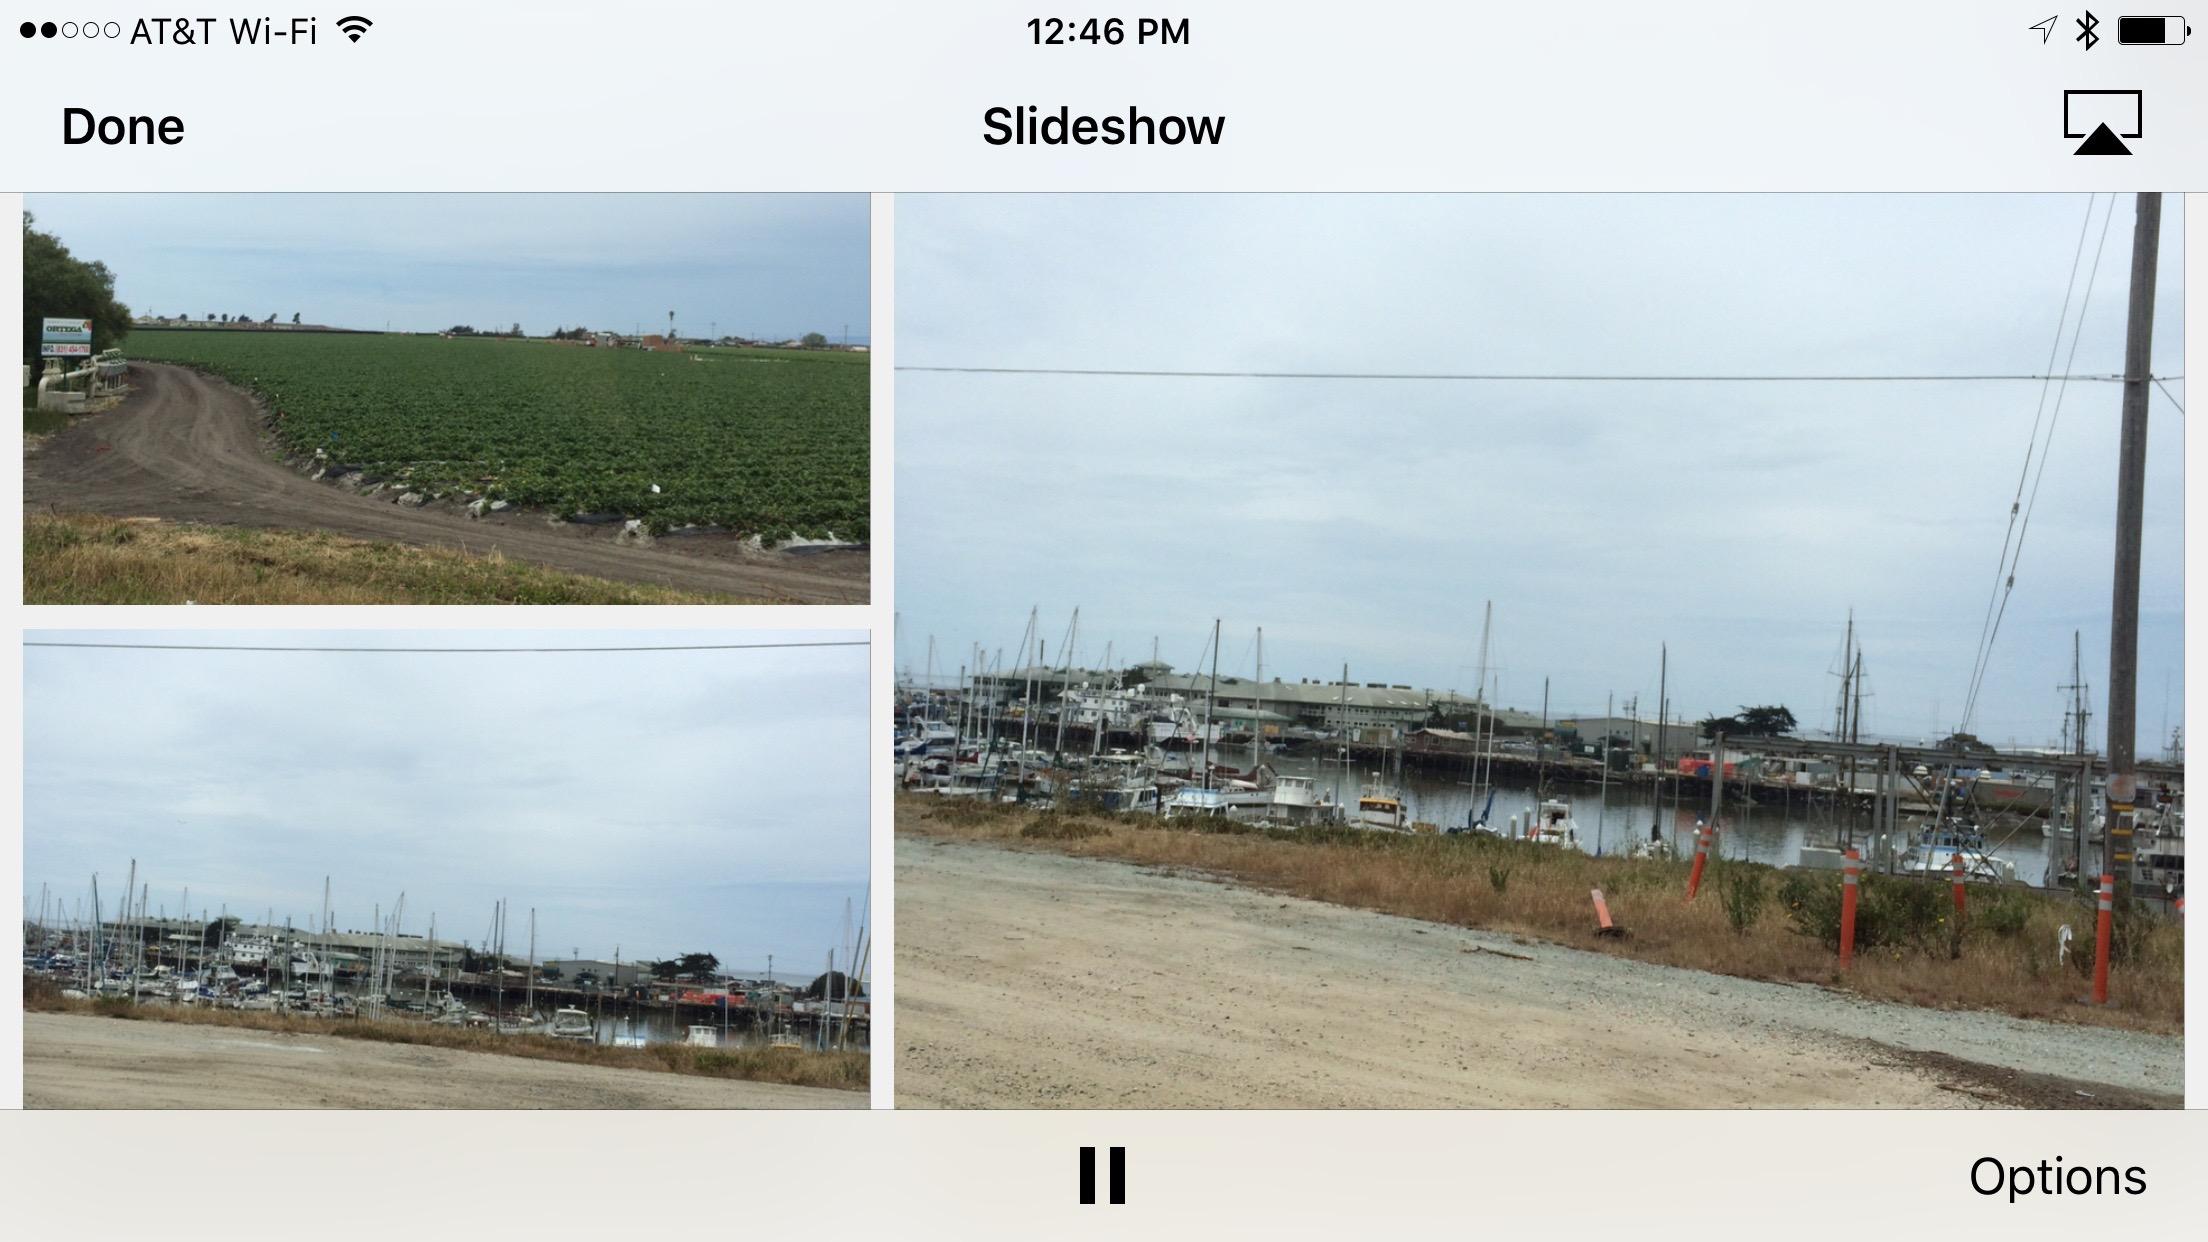 slideshowiosfigb012116.jpg